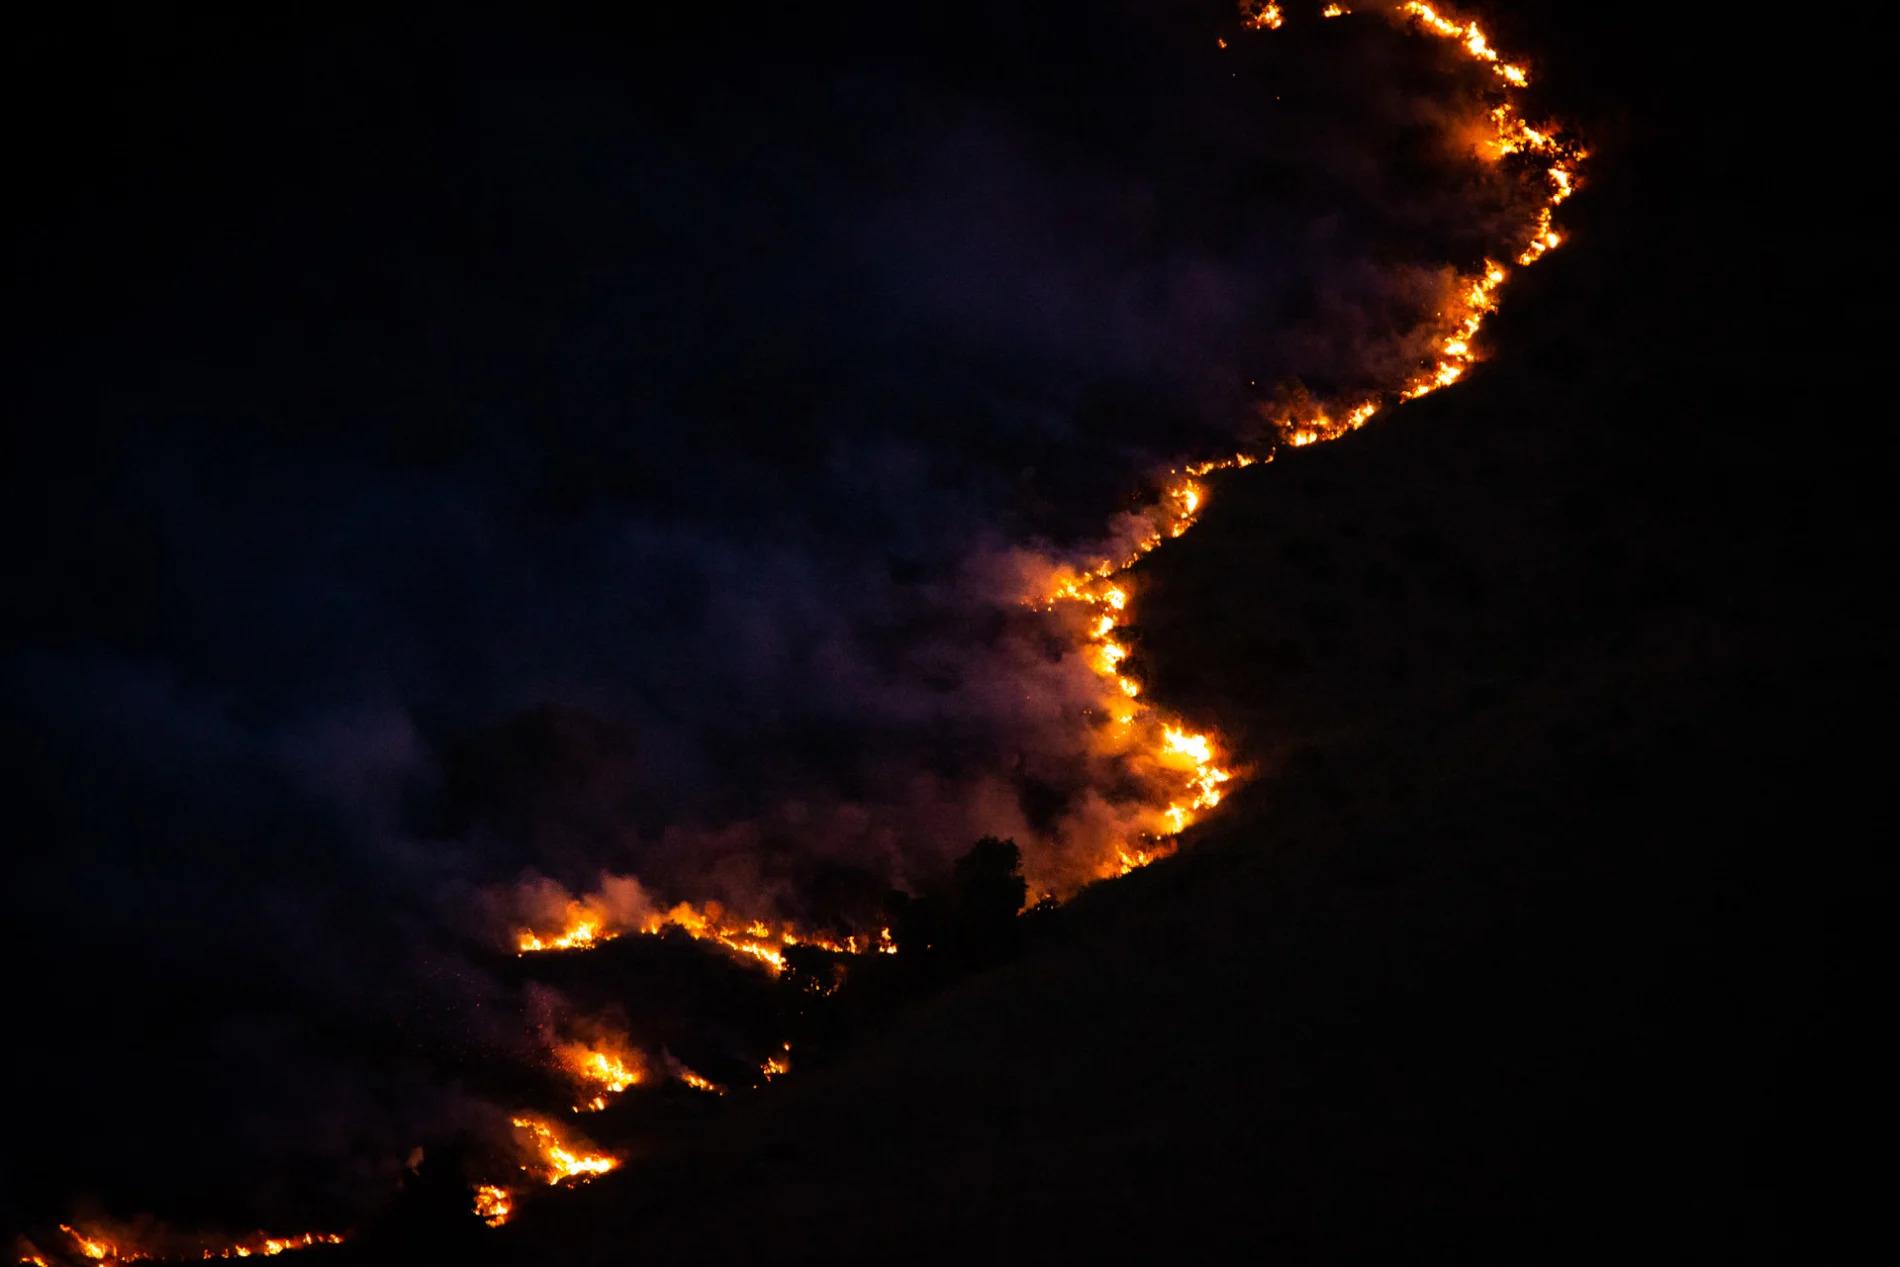 Controlled burn night